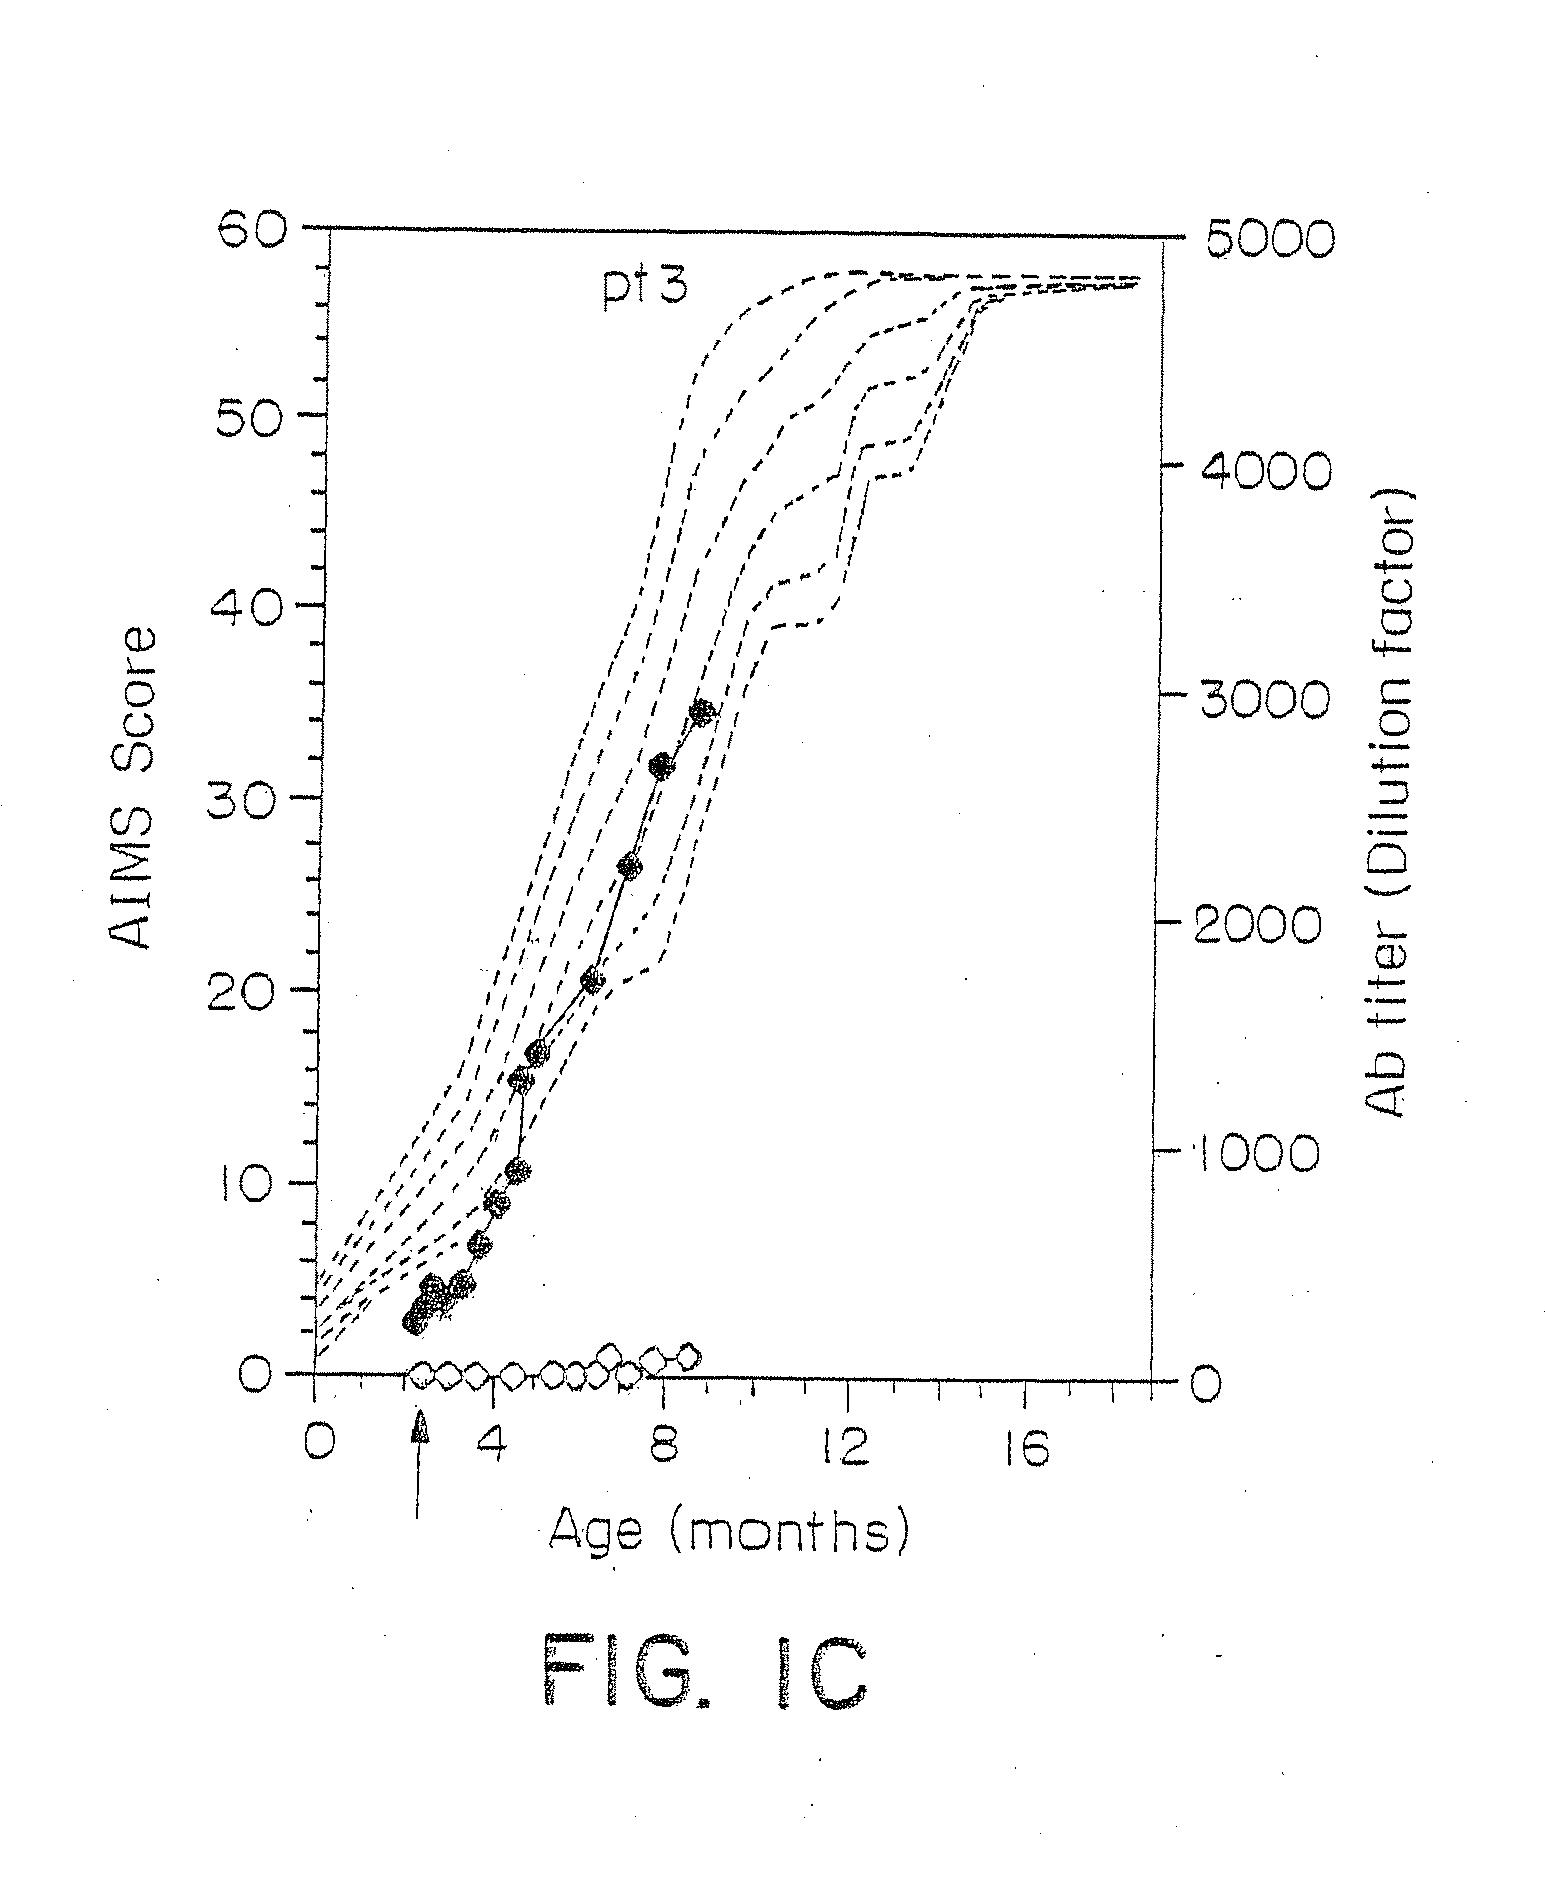 Manual Of Alberta Infant Motor Scale